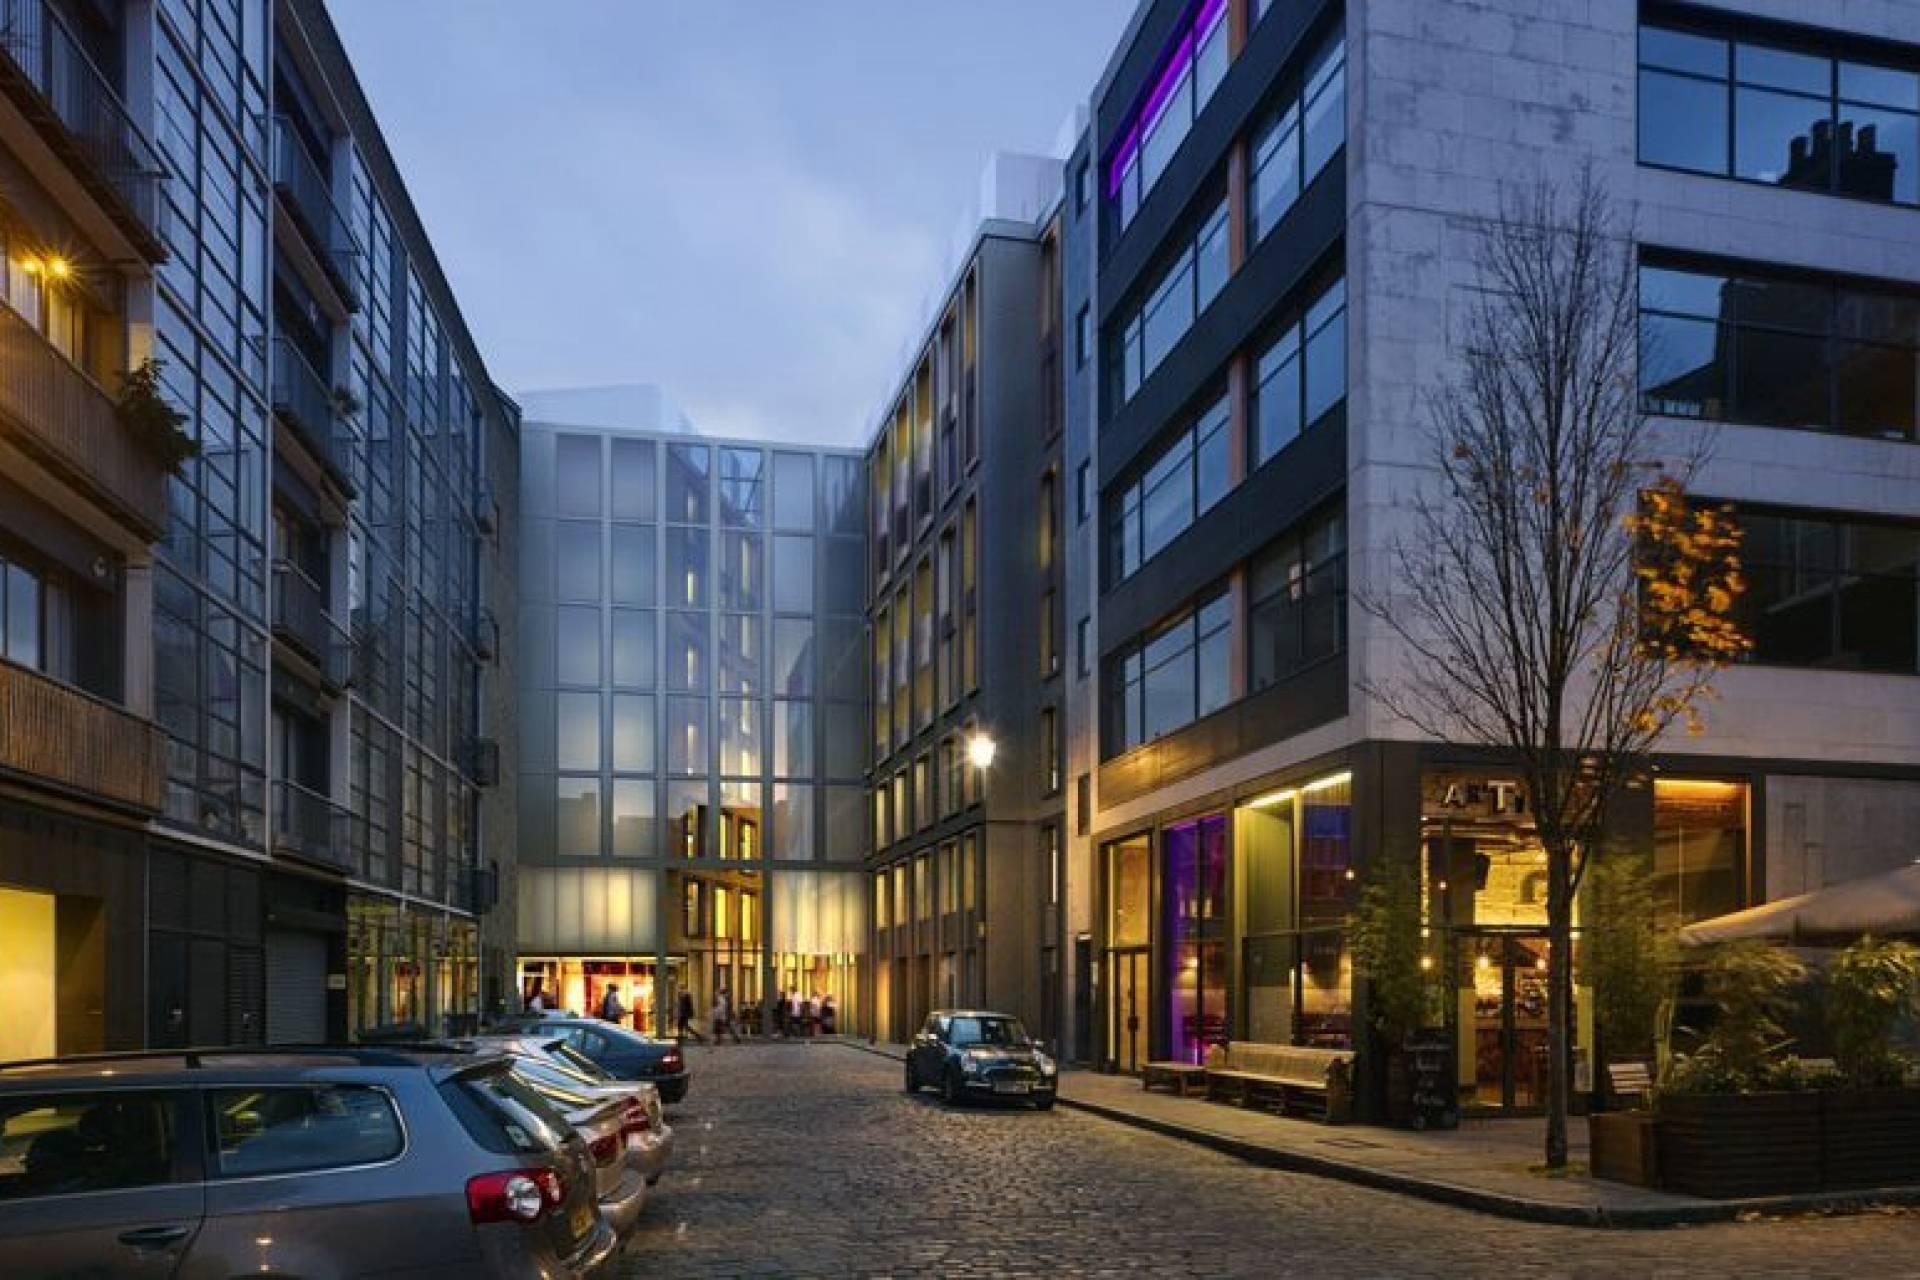 Yotel Clerkenwell Road hotel